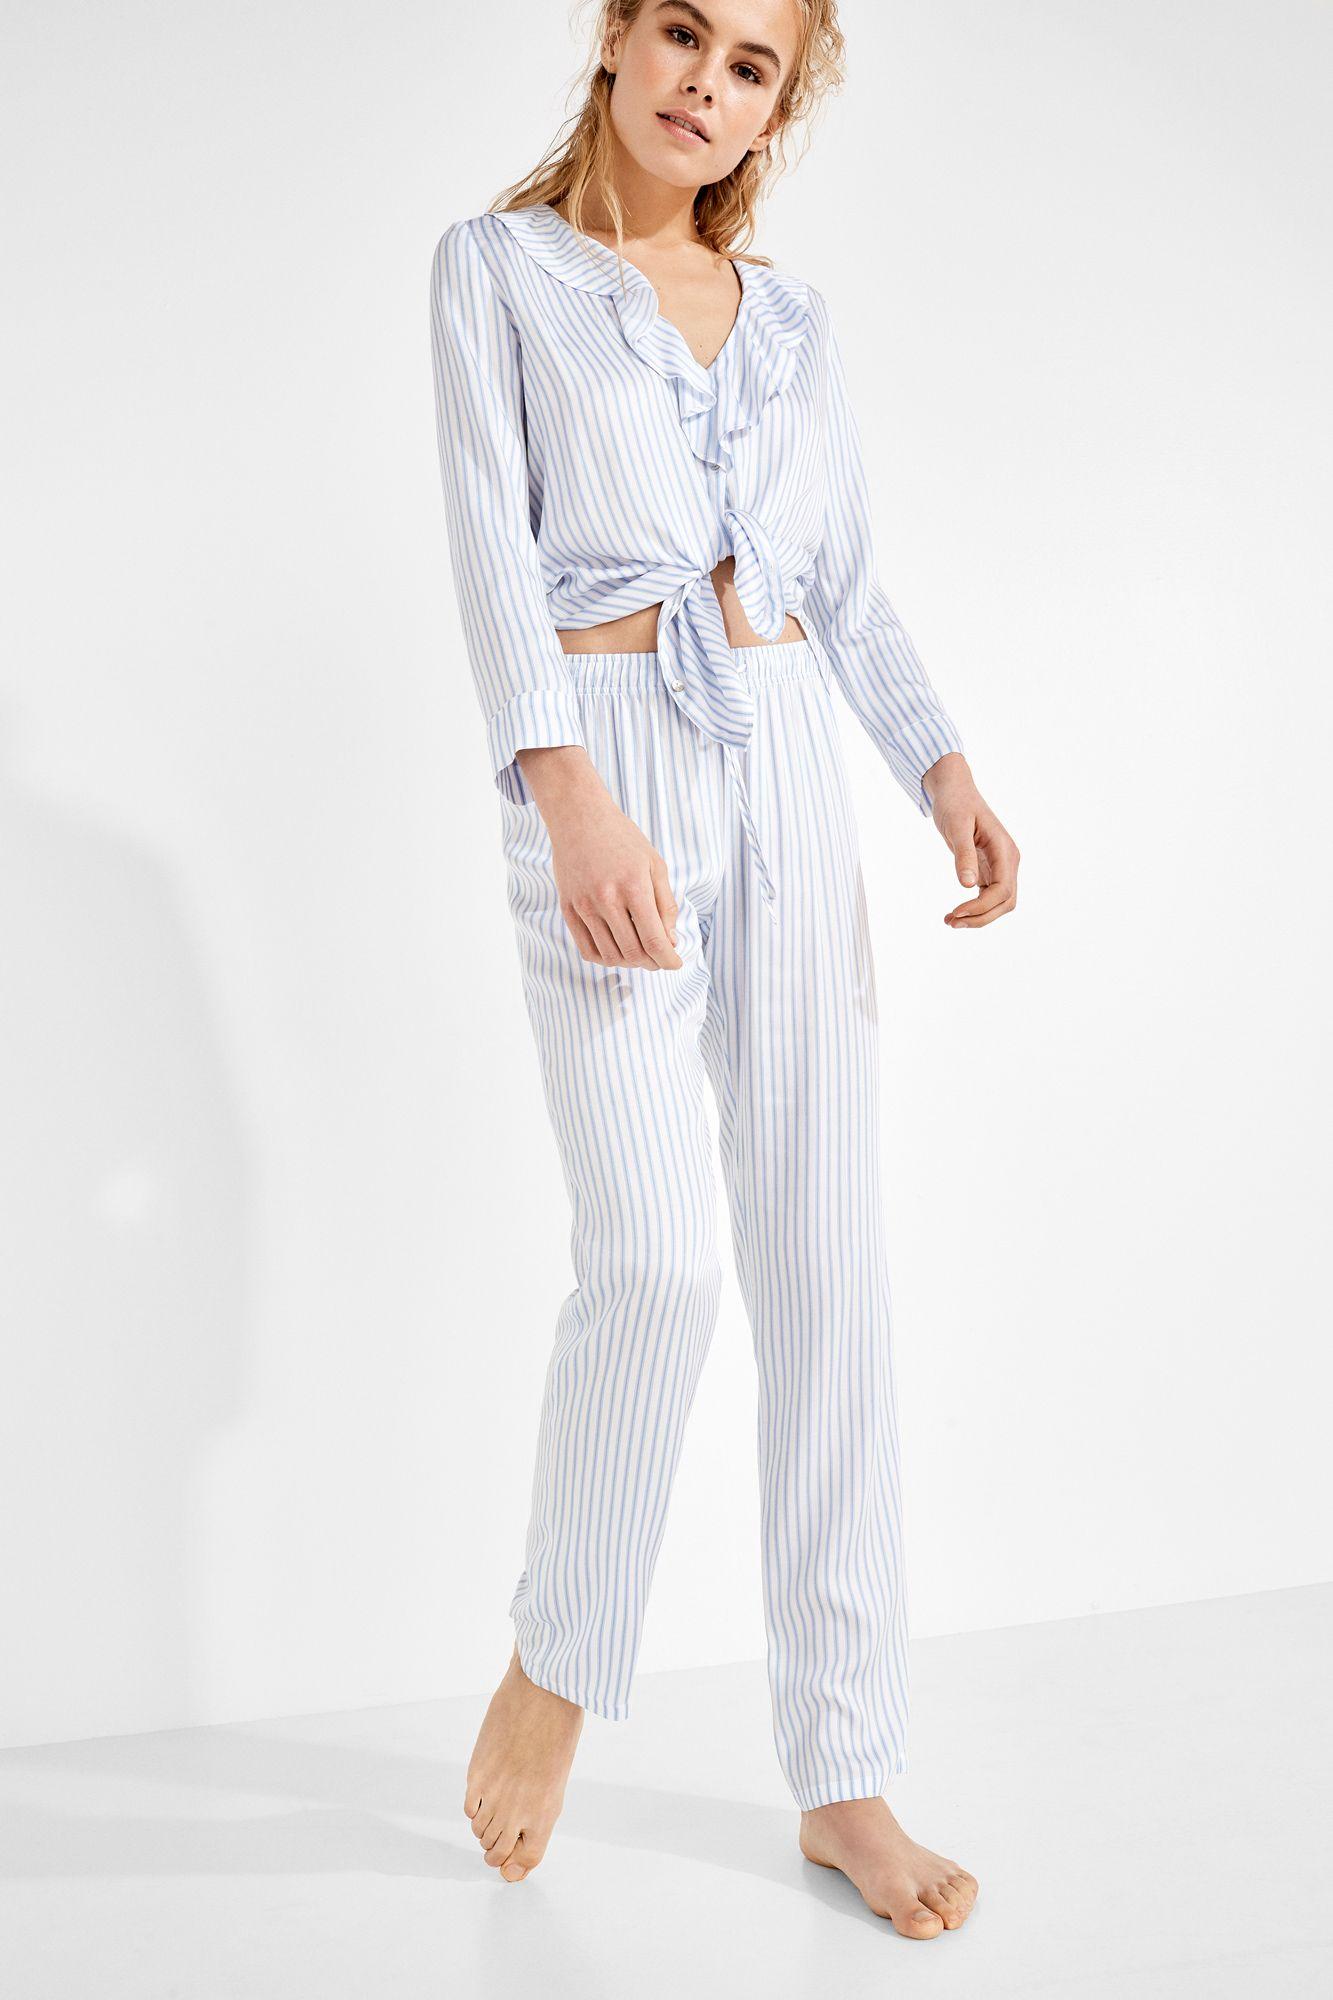 55236c3ca Conjunto de pijama camisero con camisa de manga larga con estampado de  rayas y cuello pico con detalle de volantes. Botonadura frontal.